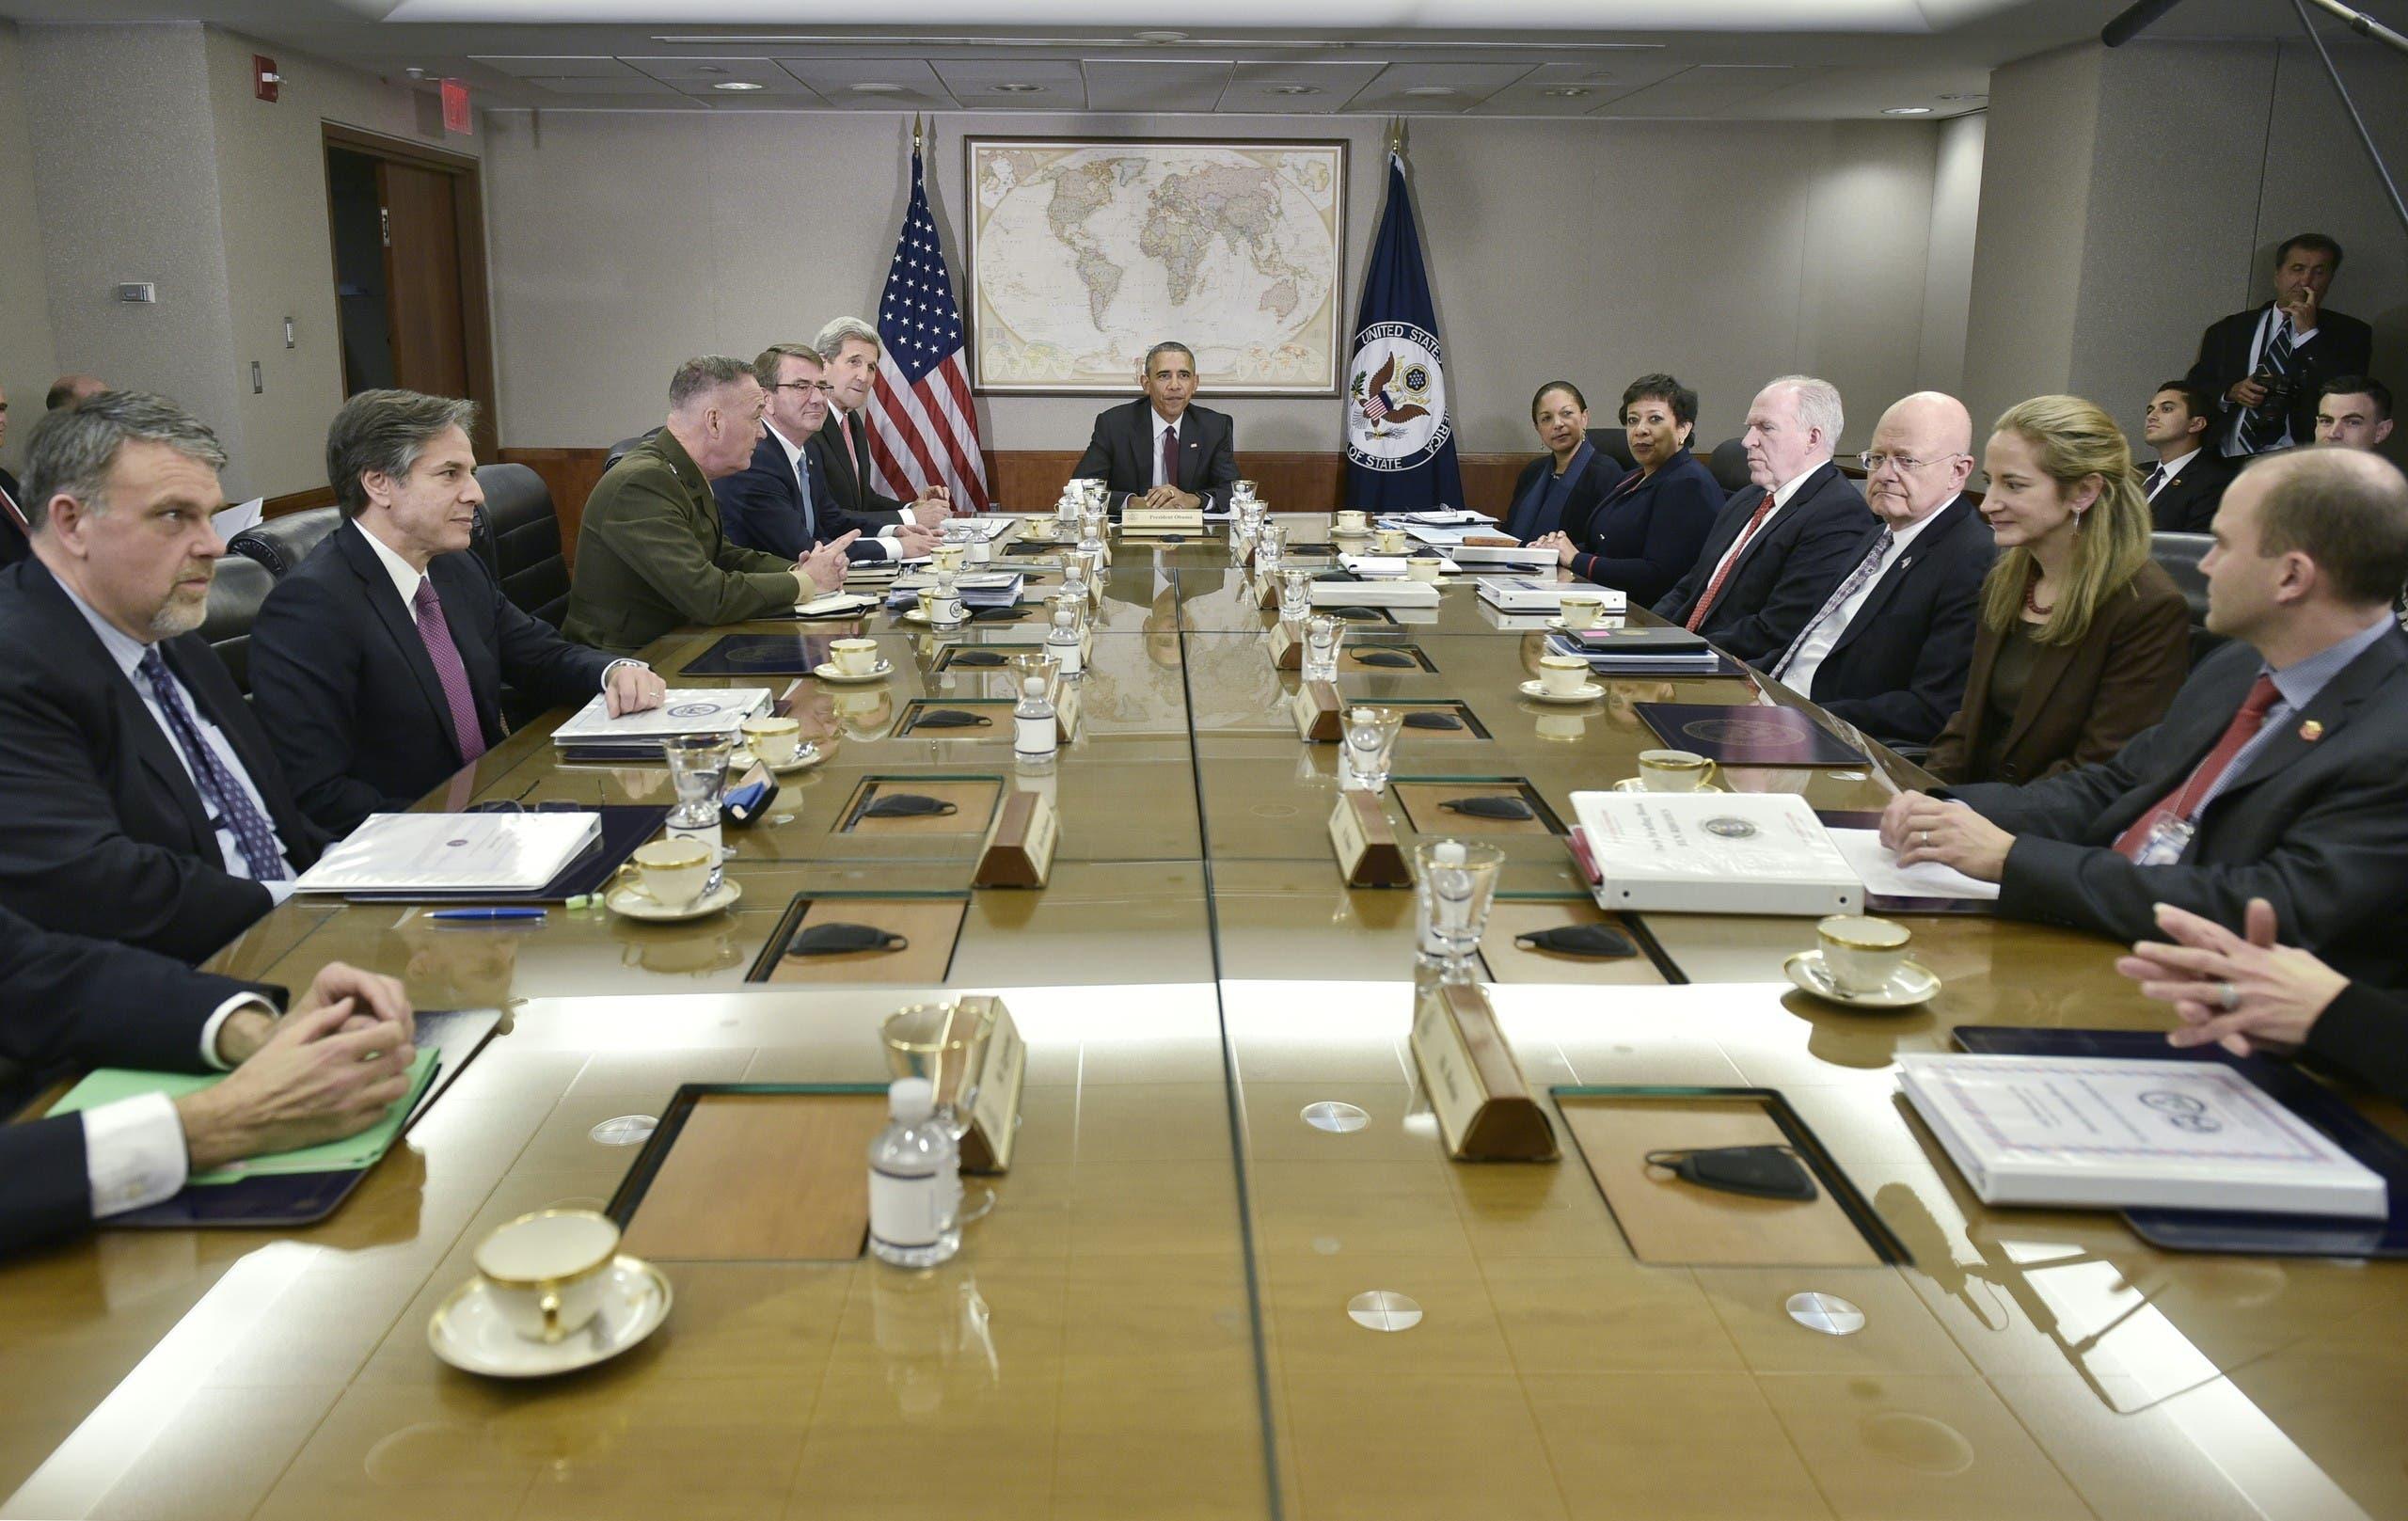 بلينكن يشارك في اجتماع حول الأمن الوطني في 2016 في عهد أوباما